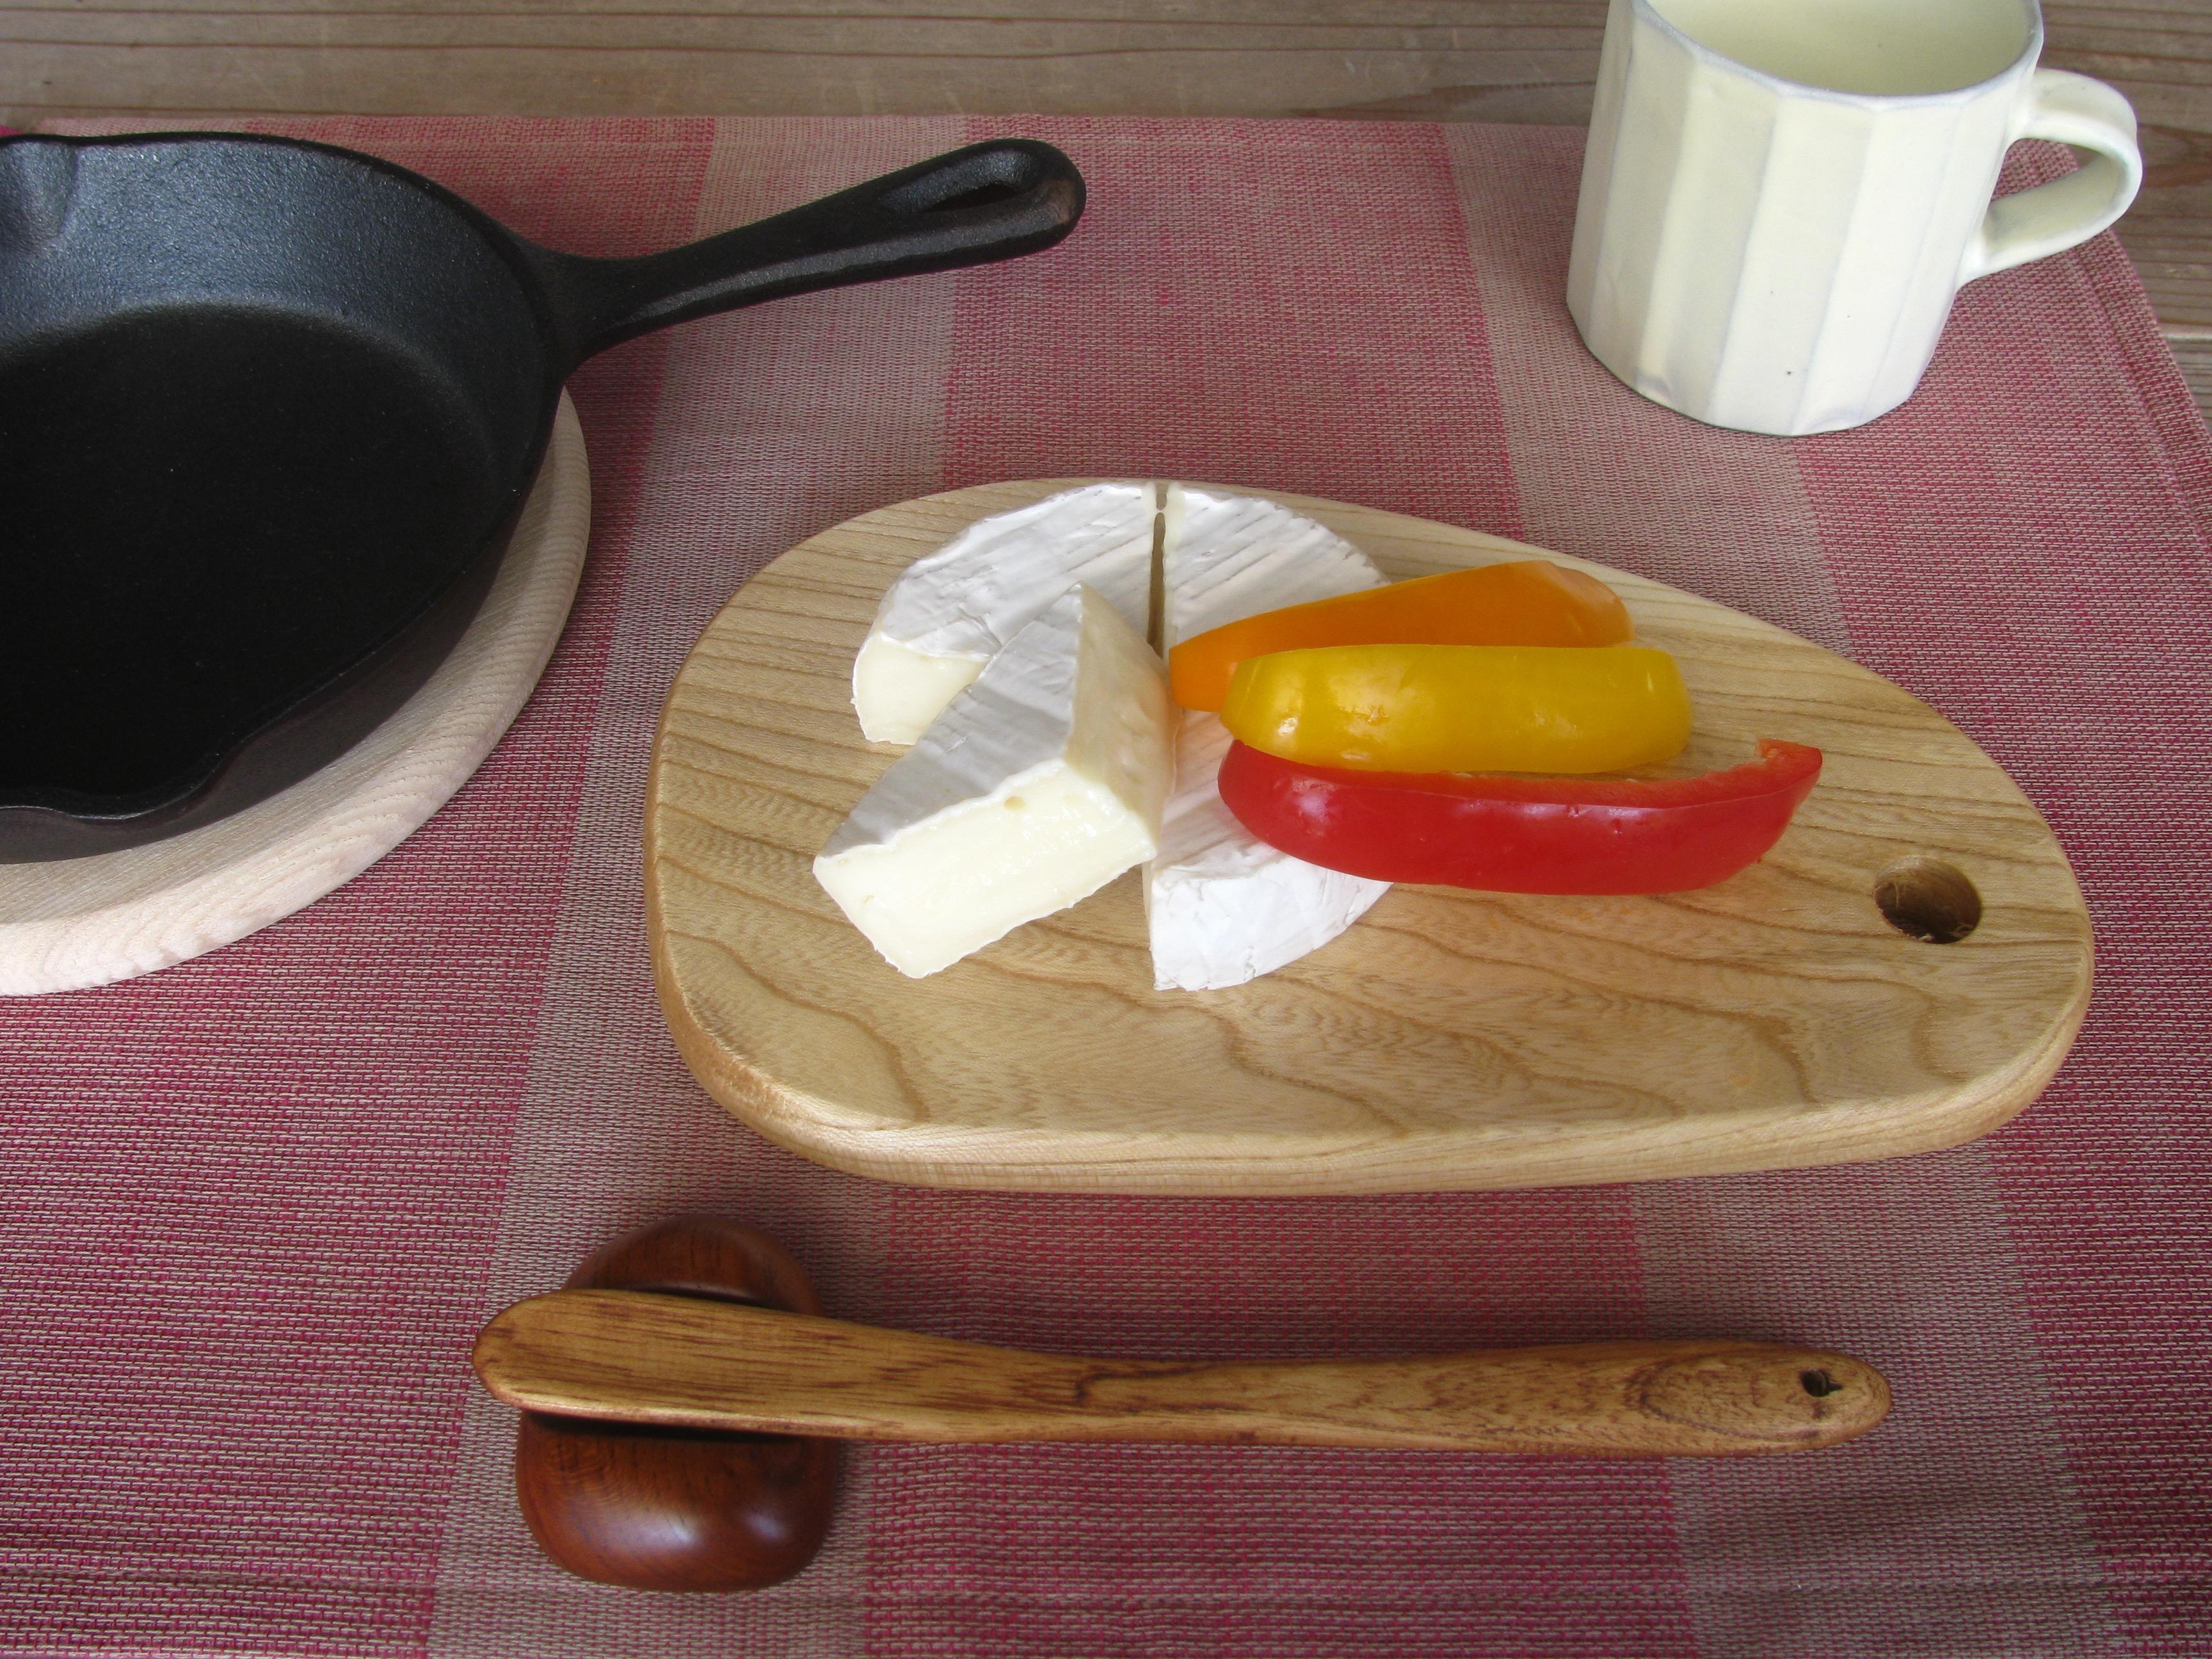 チーズトレー、マドラー&ジャムへらの新作が出来ました